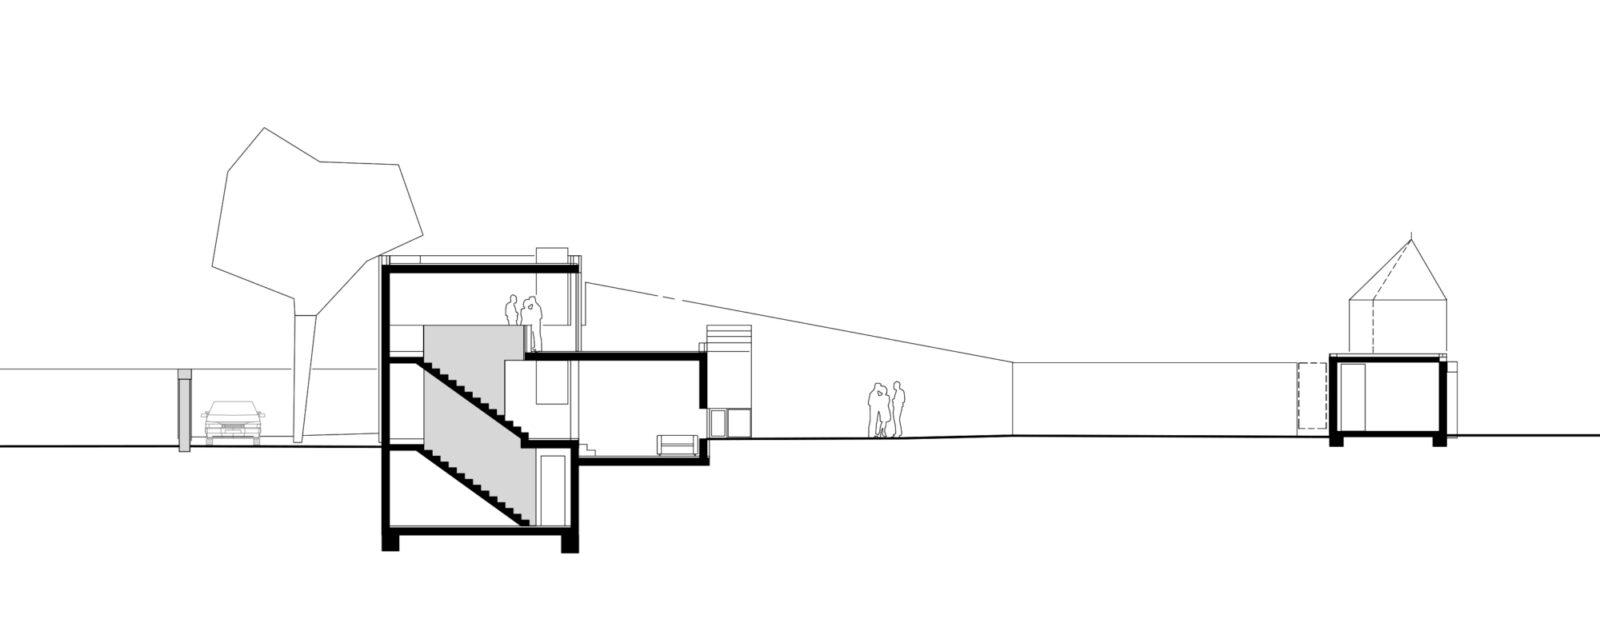 Section D–D